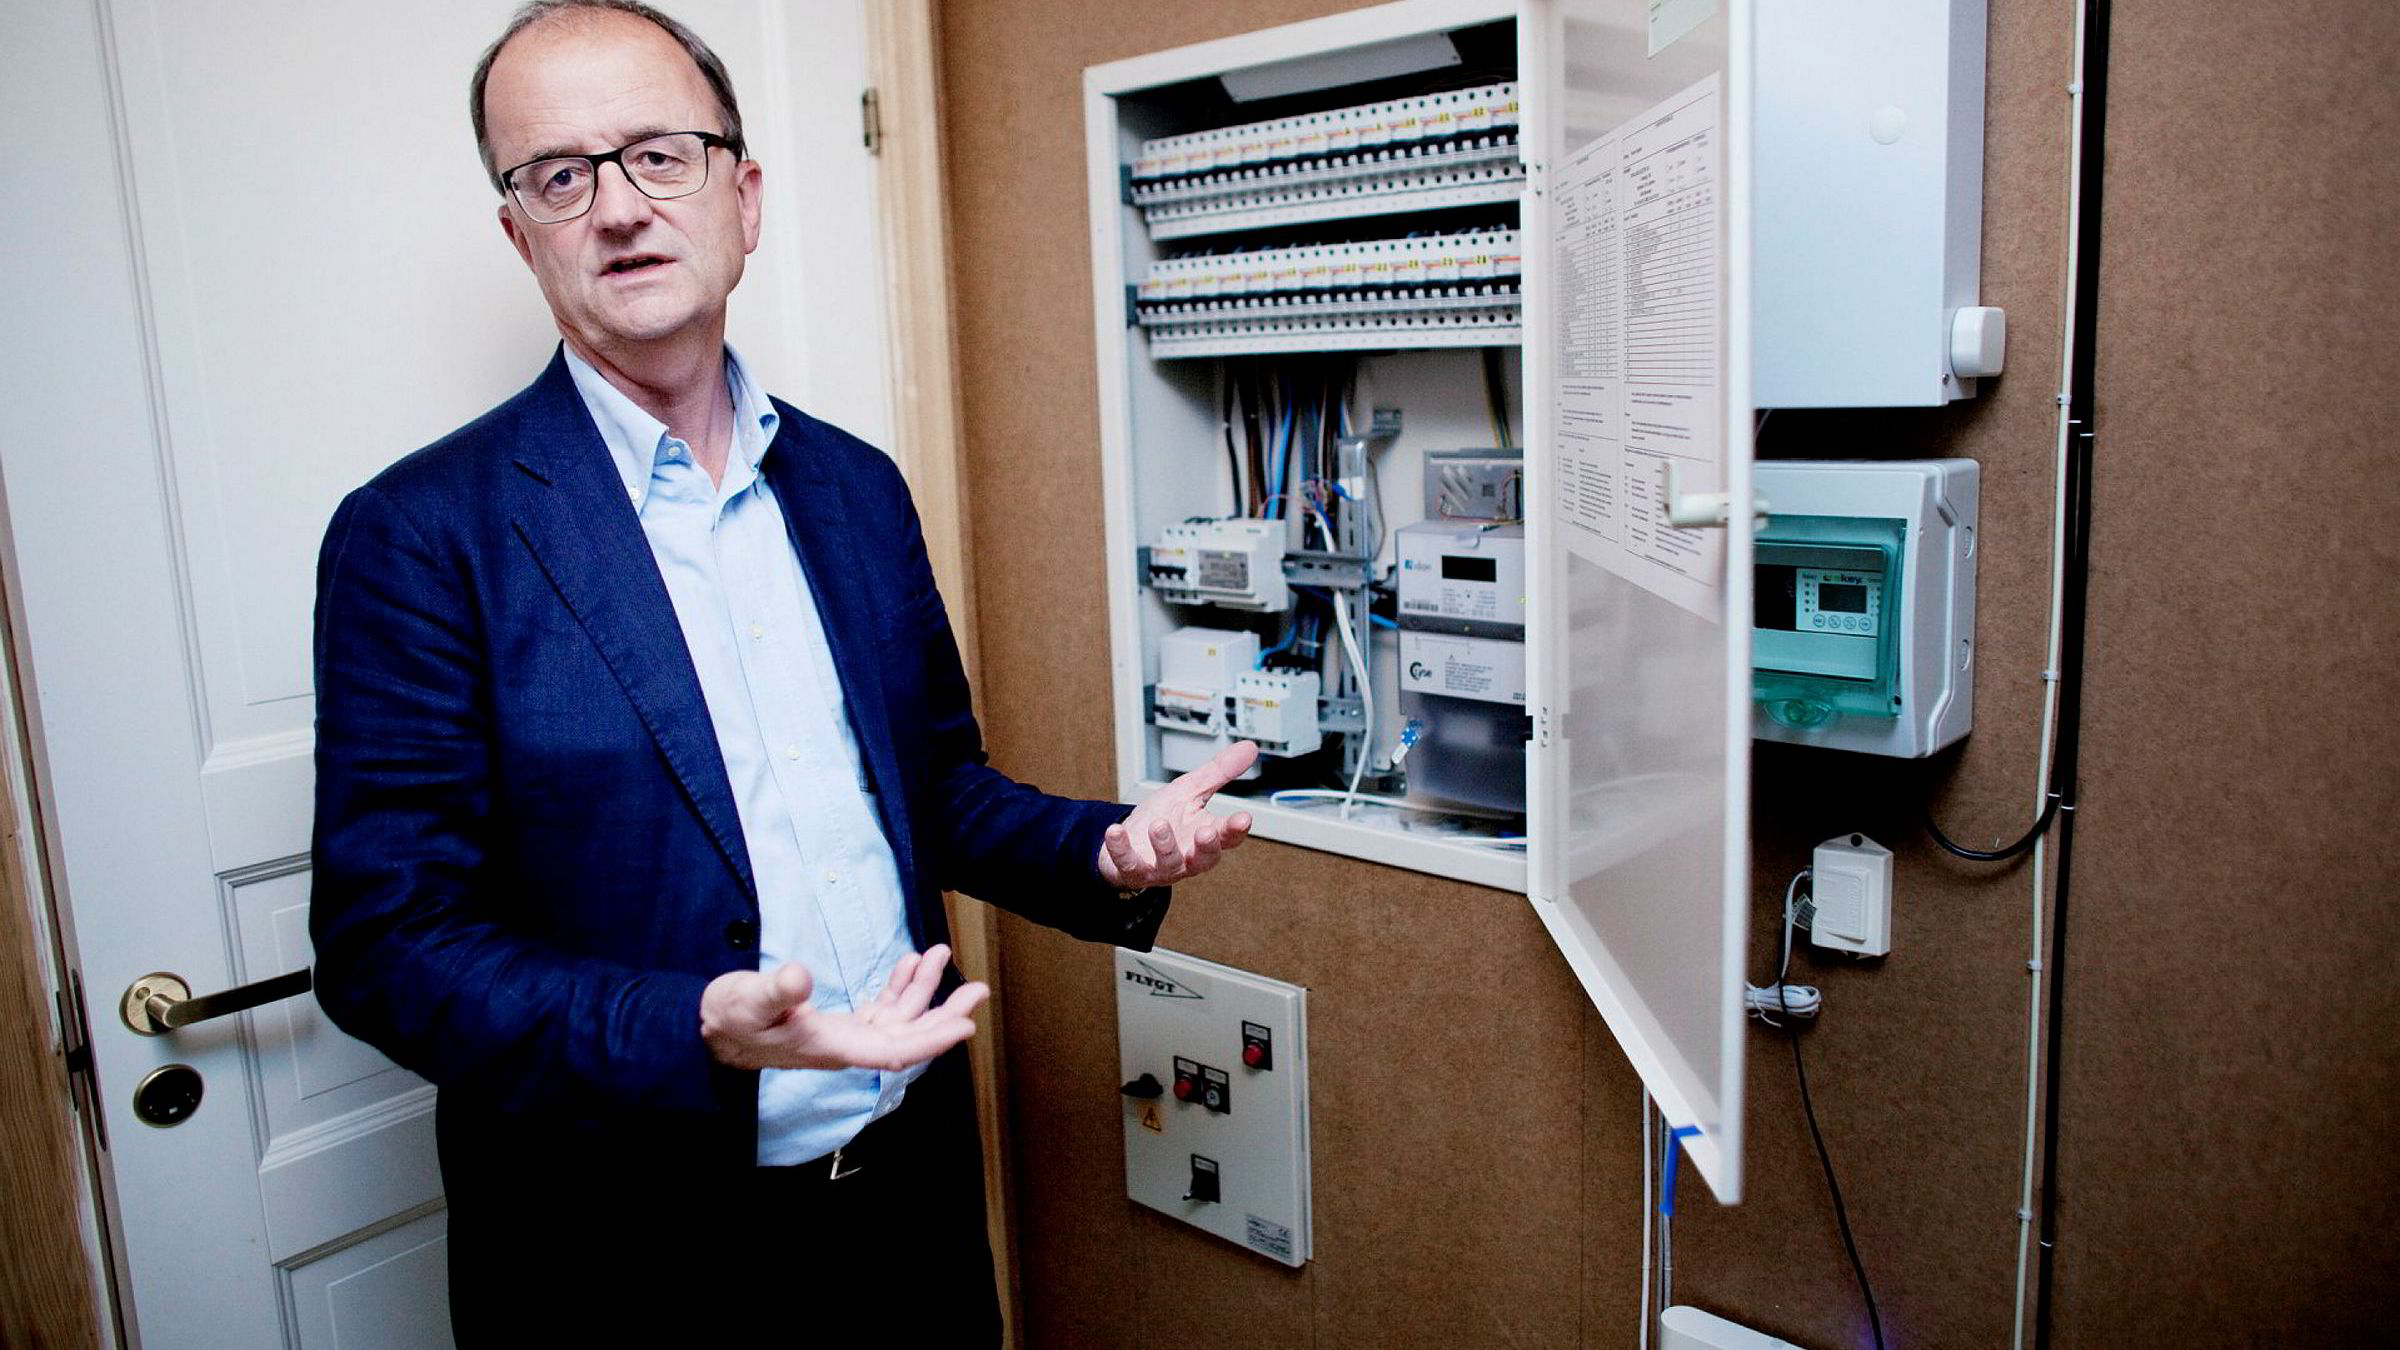 Konsernsjef Eimund Nygaard i energiselskapet Lyse har tapt store summer på satsingen på smartehjemteknologi.